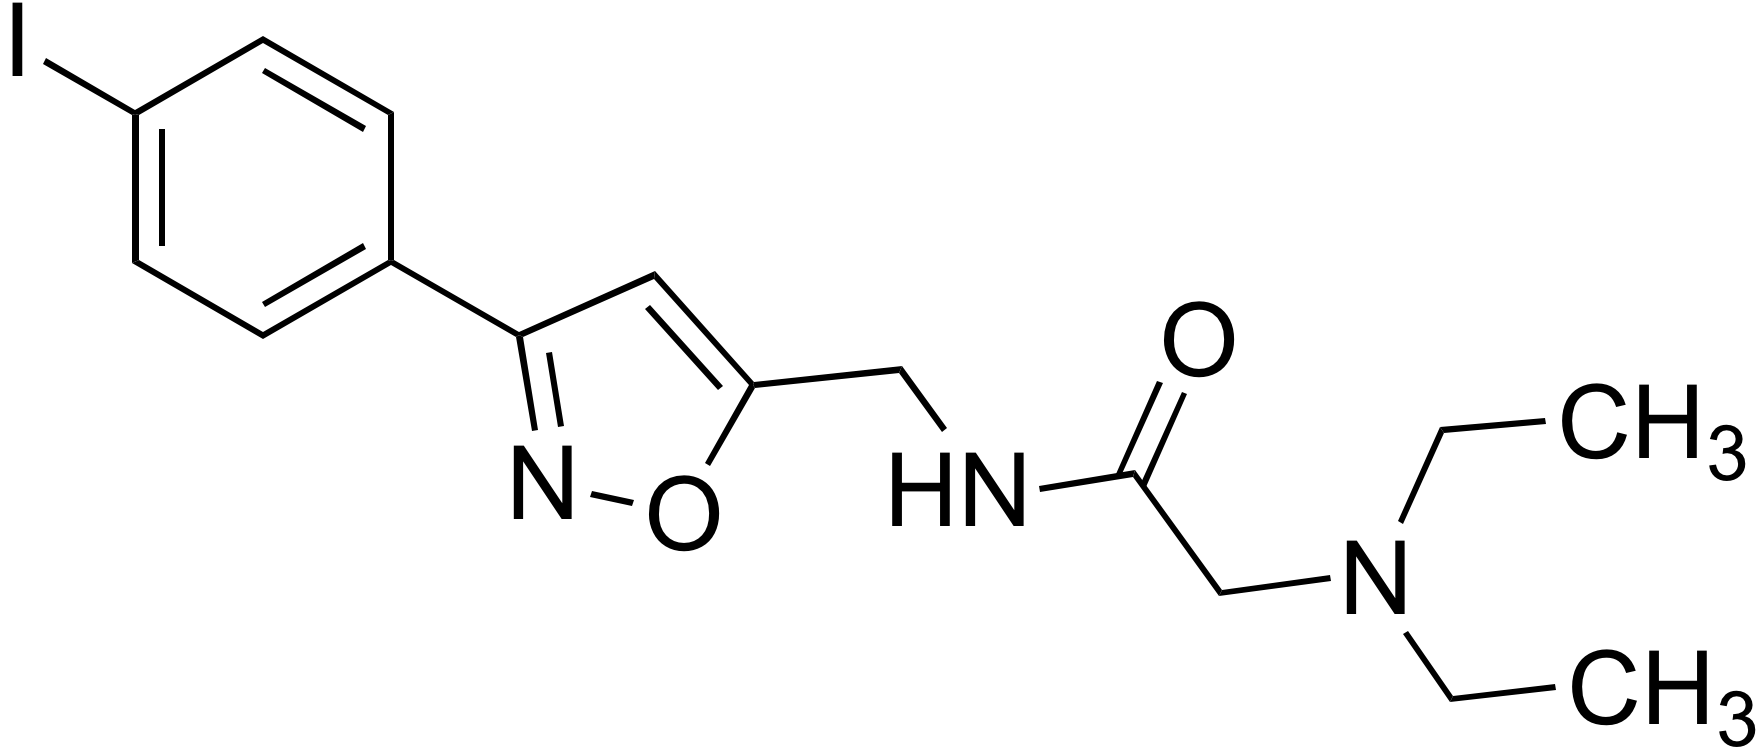 N-((3-(4-Iodophenyl)isoxazol-5-yl)methyl)-2-(diethylamino)ethanamide